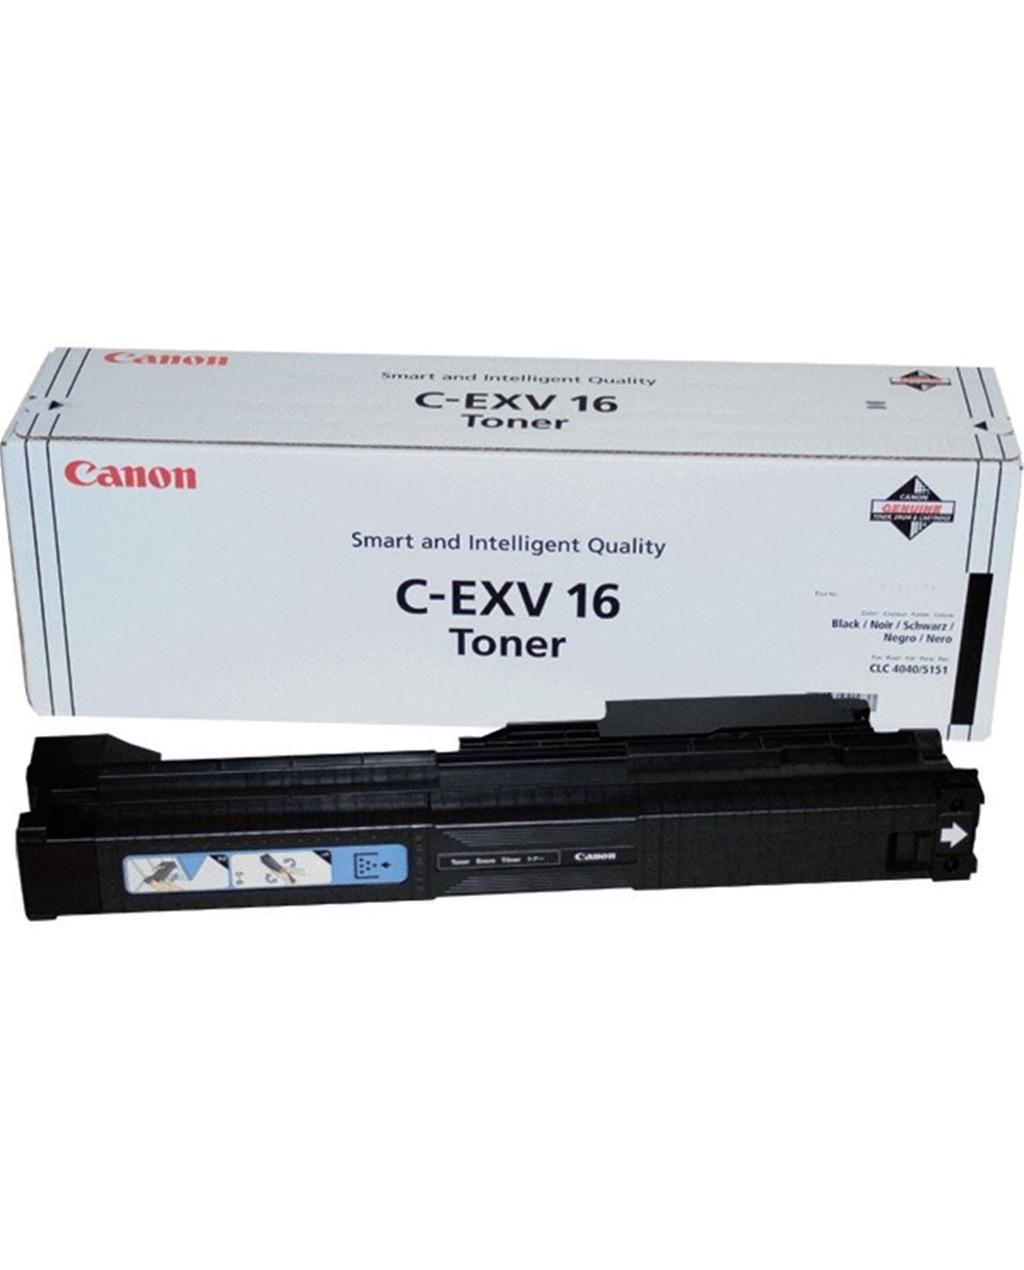 708 - Canon 708 Toner - Black